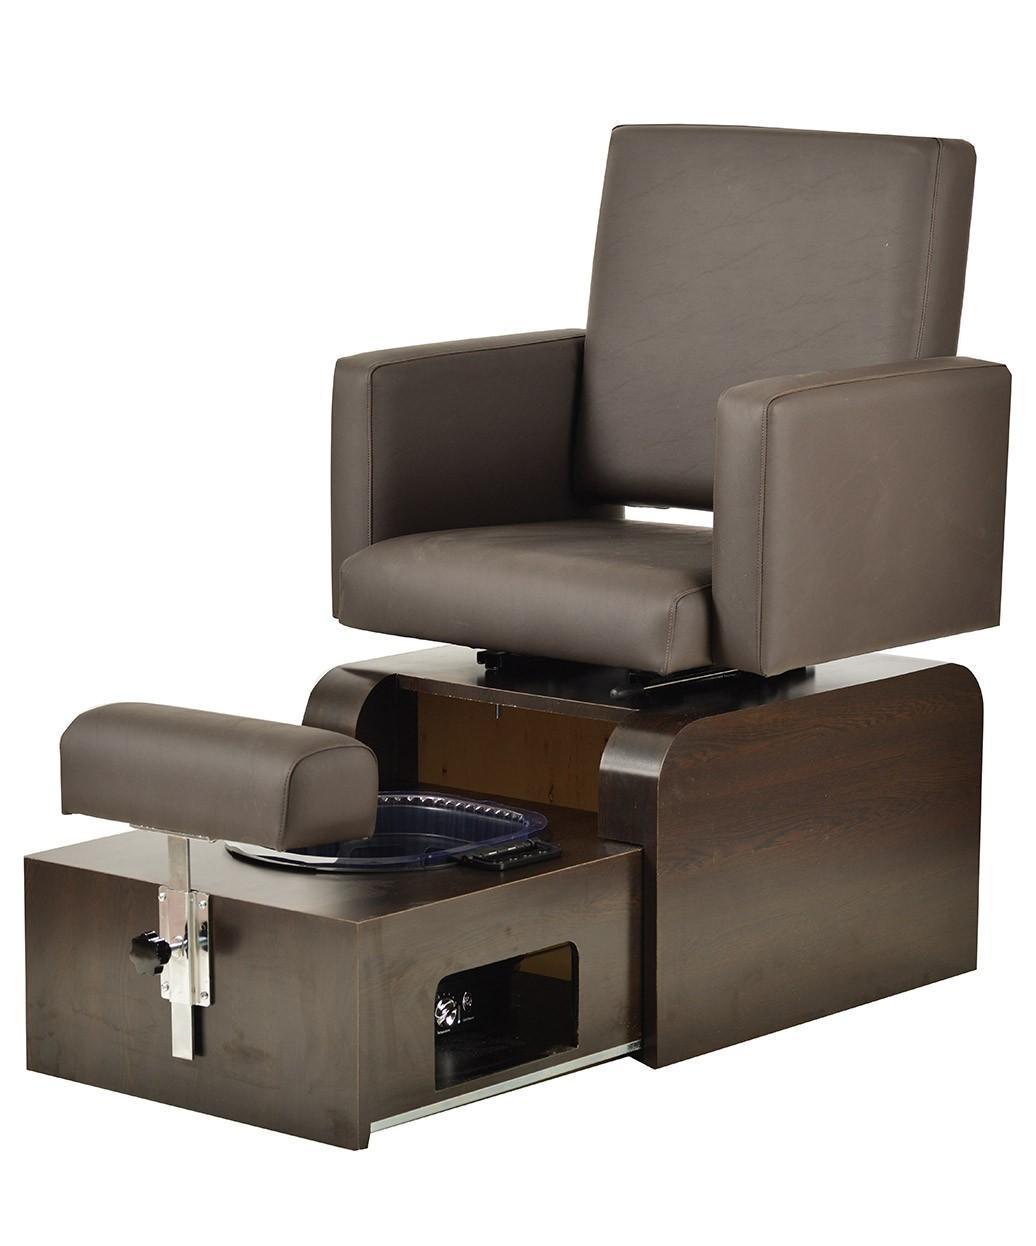 foot massage chair sofa swing dubai 20 photos pedicure chairs ideas